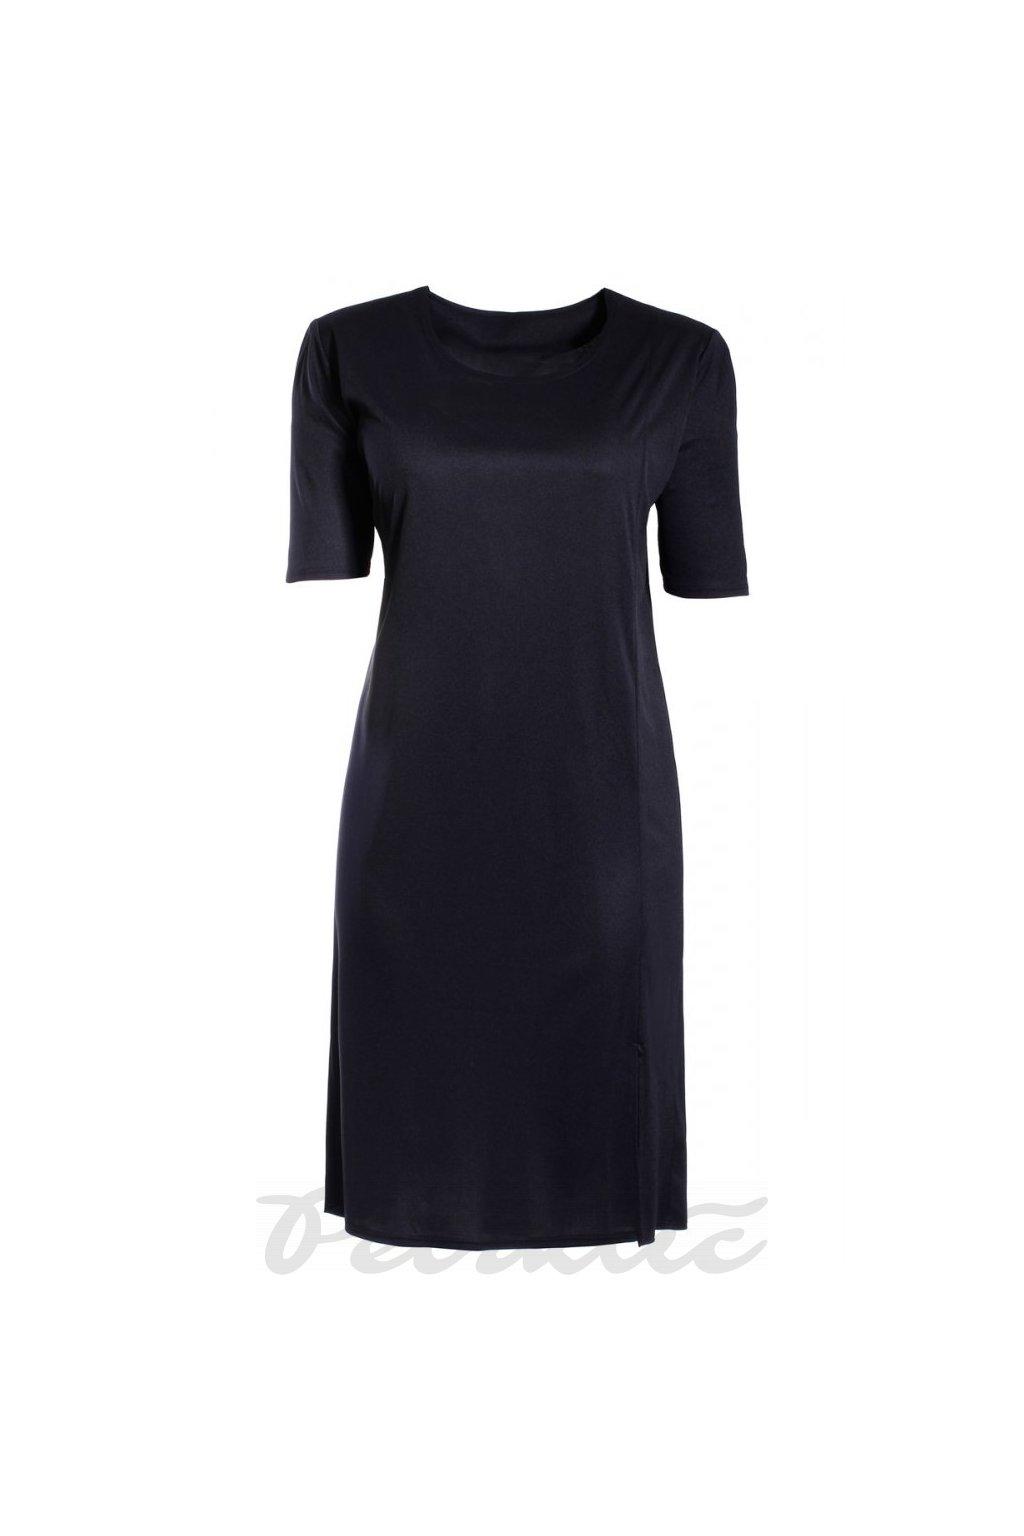 LADA šaty krátký rukáv 120 cm